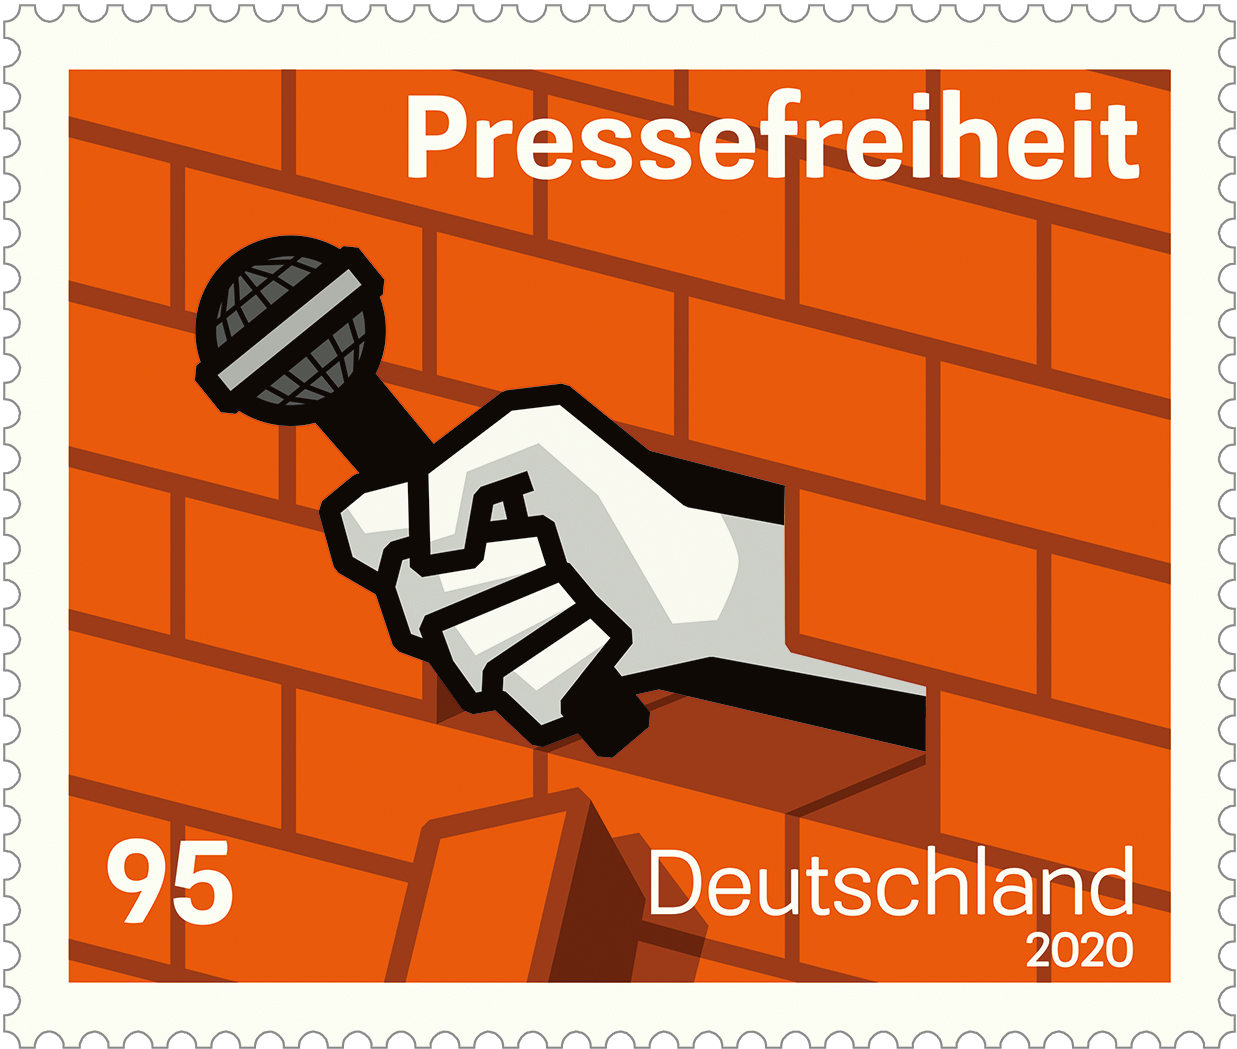 https://www.borek.de/briefmarke-pressefreiheit-neuheit